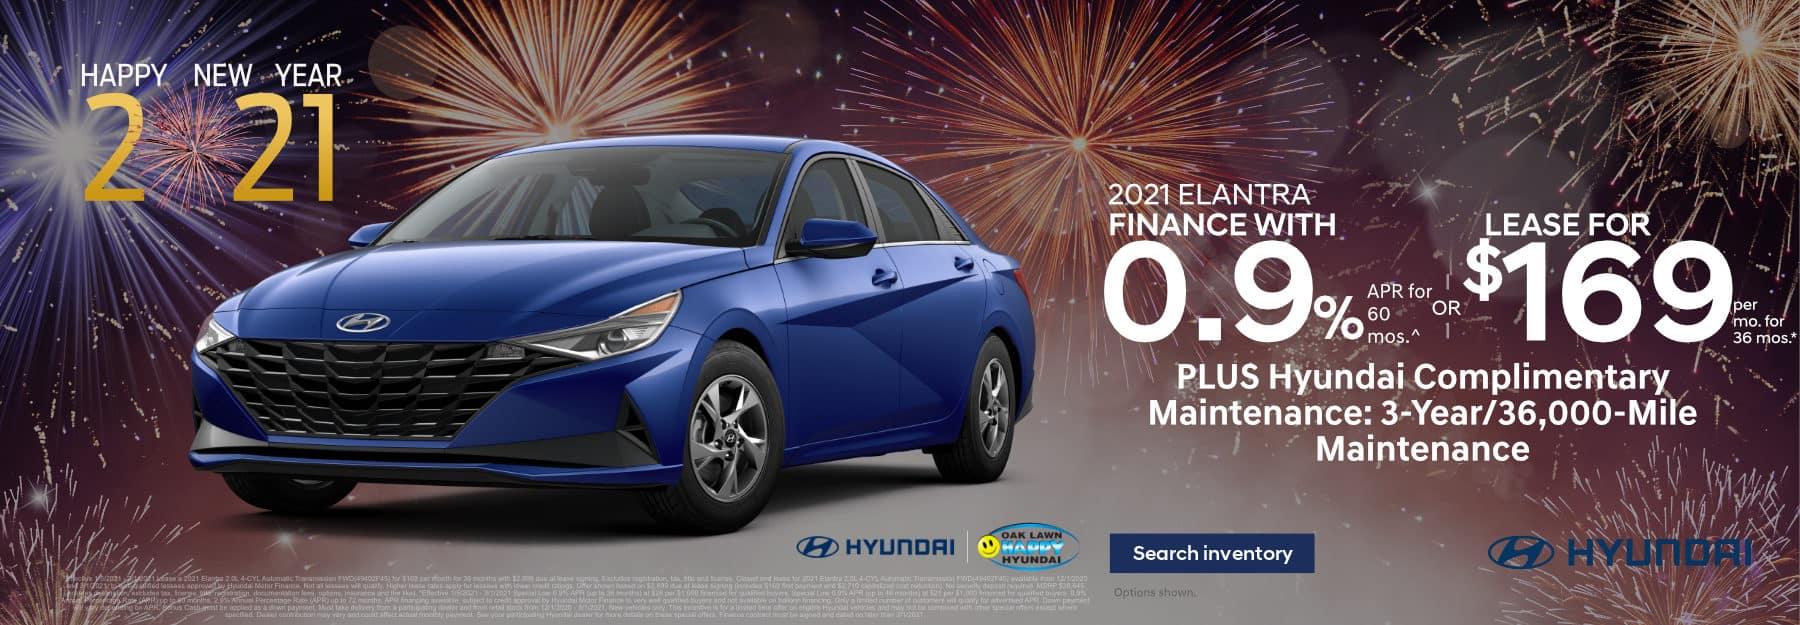 January_2021_Elantra_Happy_Hyundai